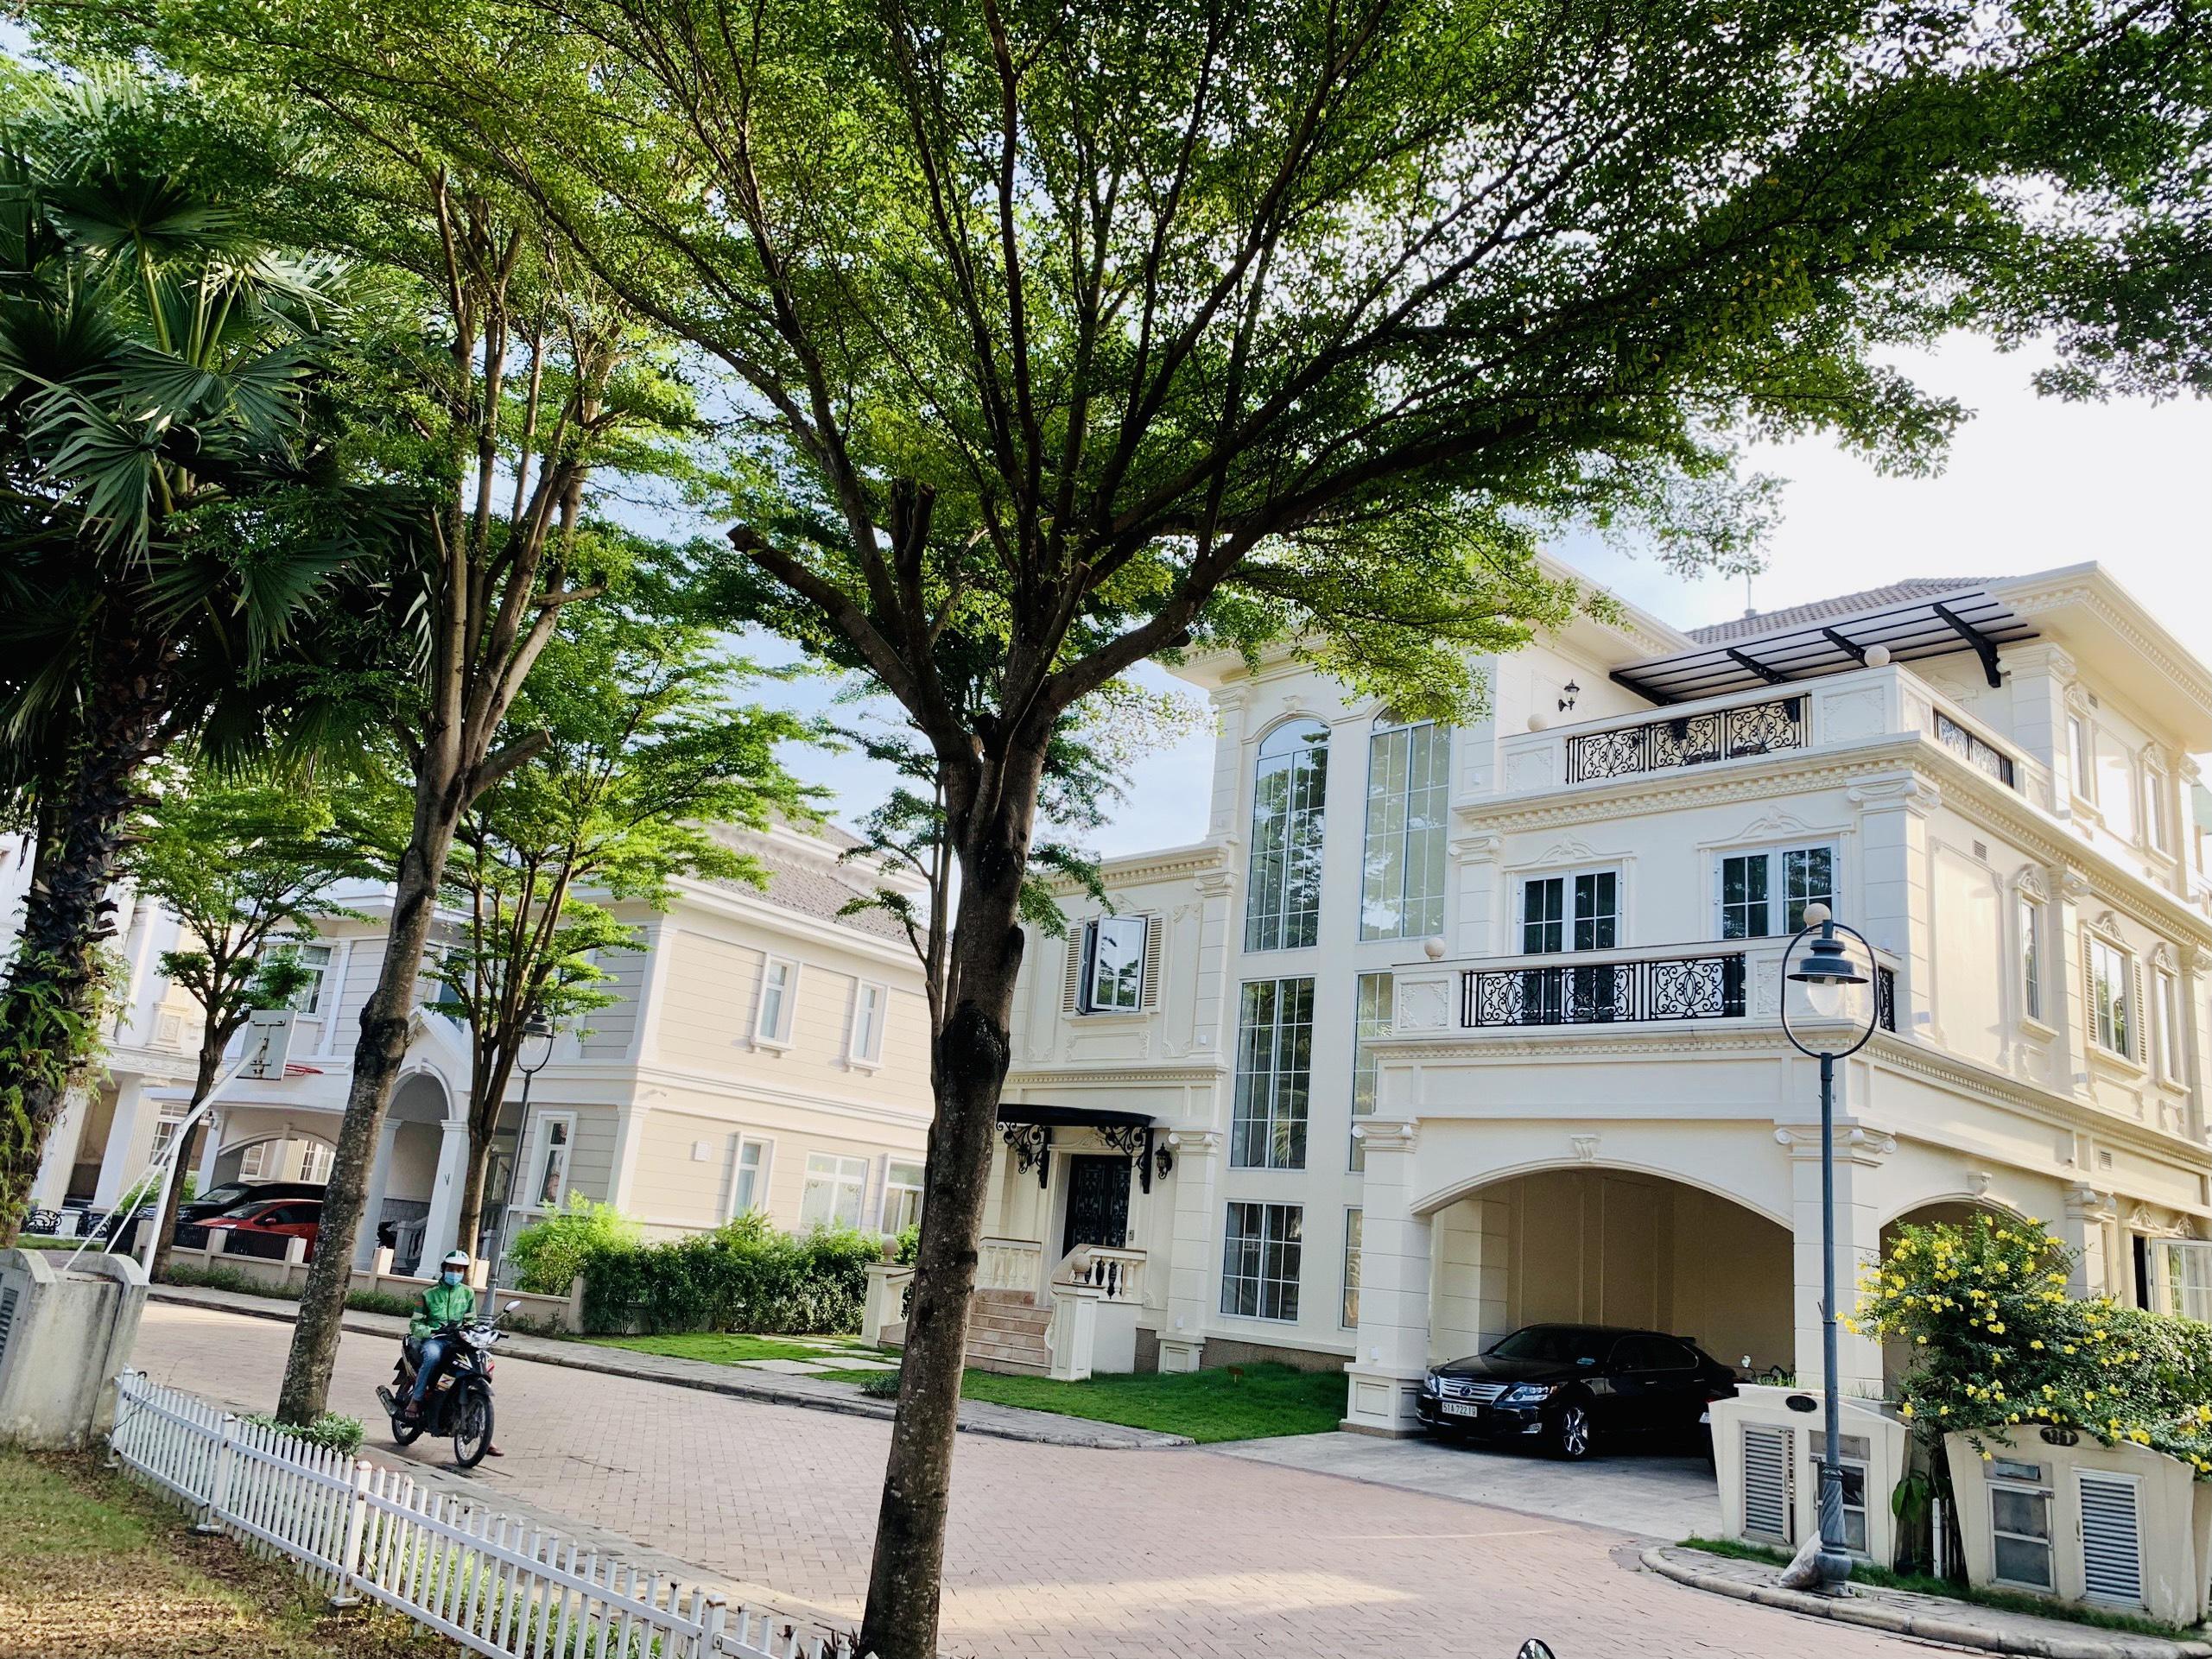 chateau villa phu my hung